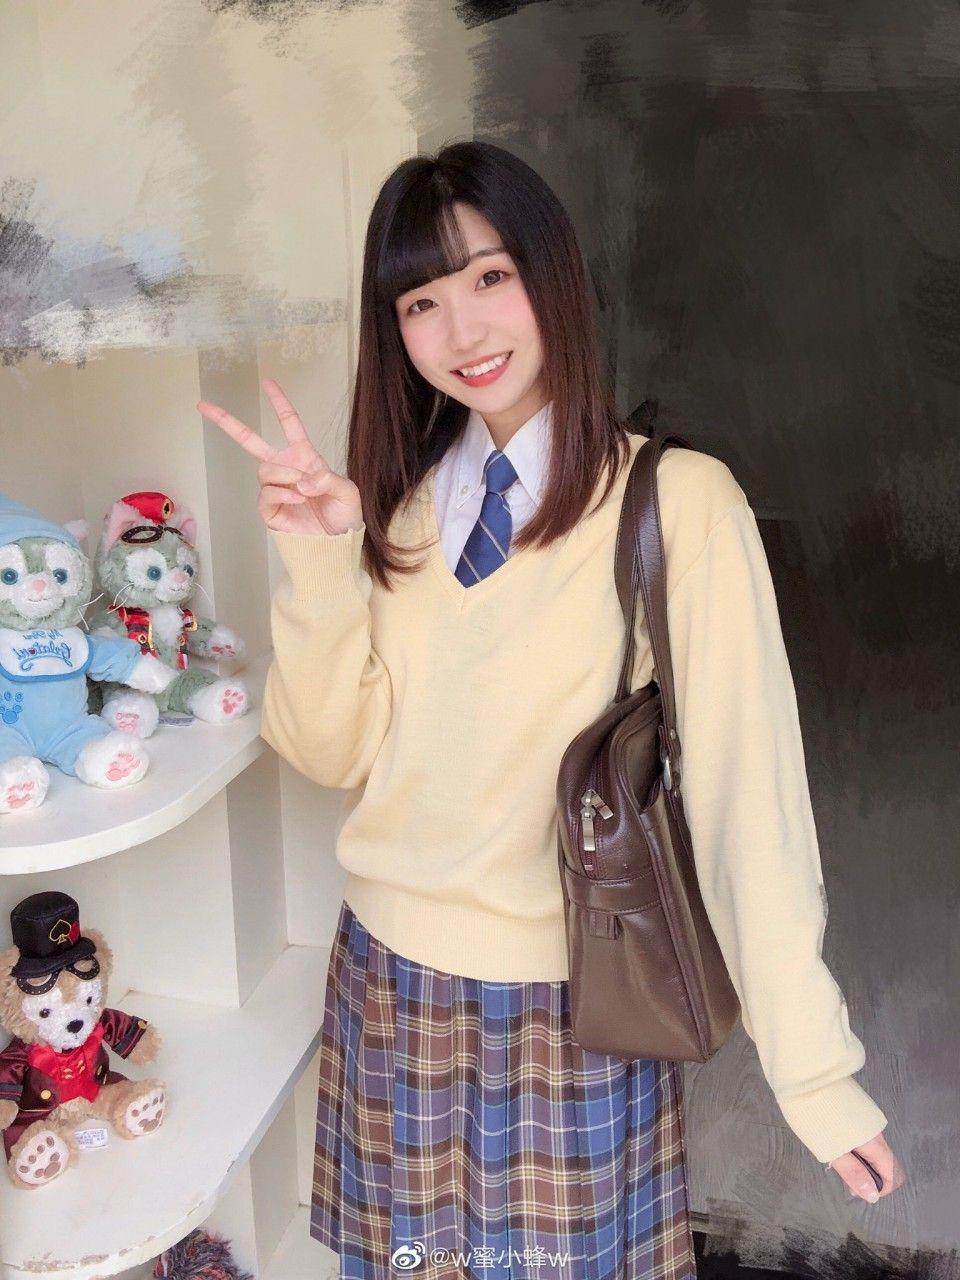 3701 | 制服貼圖 | Uniform Map 制服地圖 | 日本のファッション